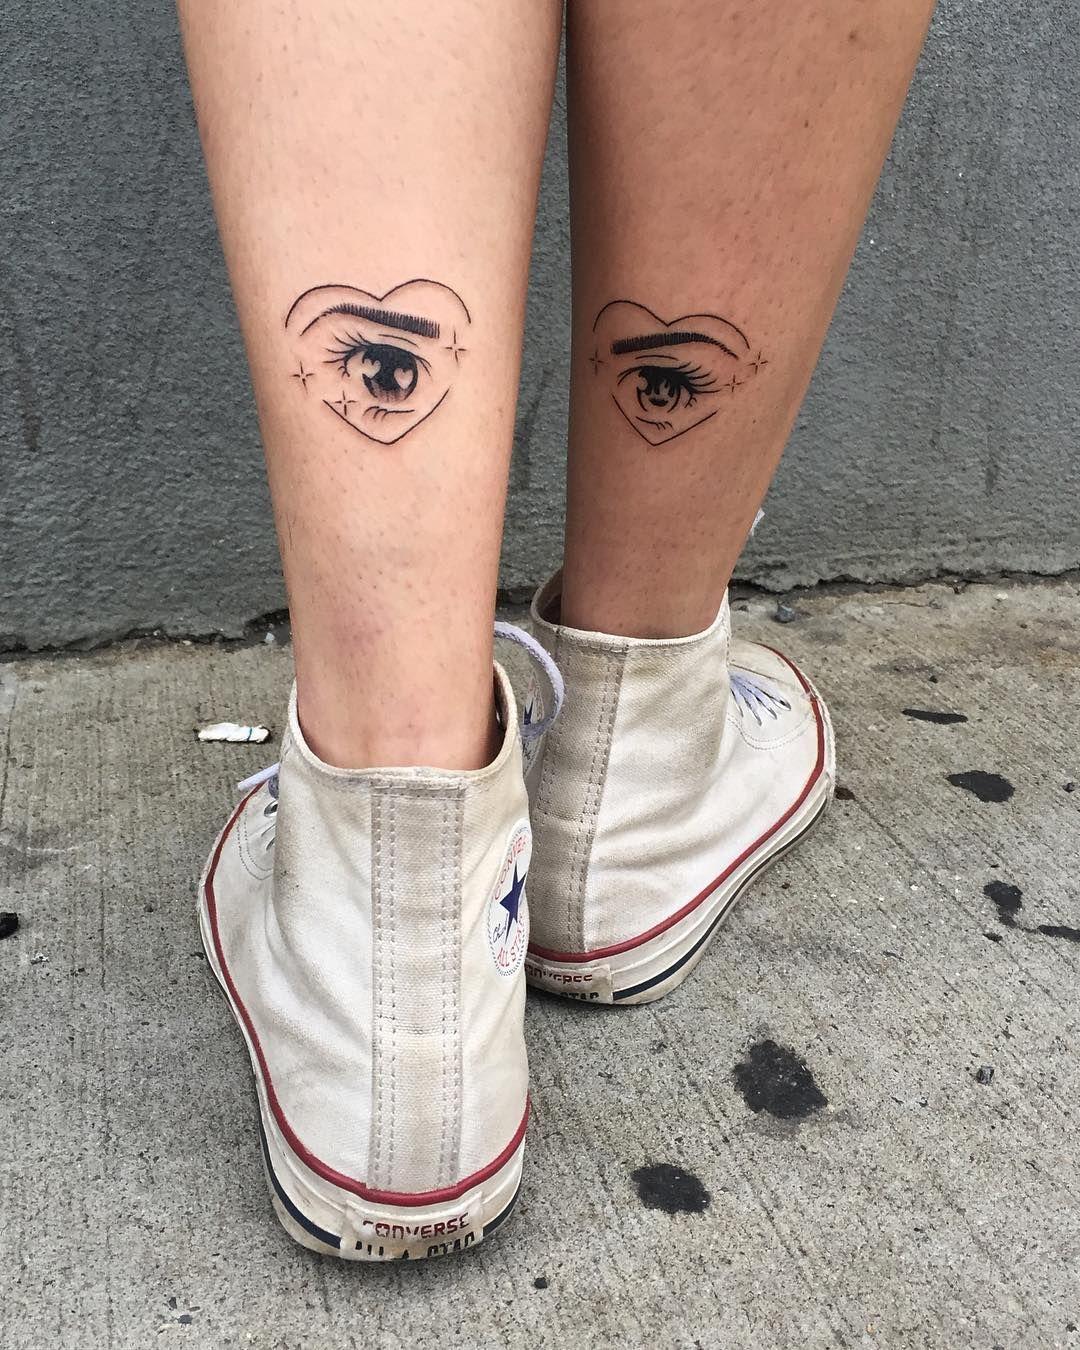 Name tattoo ideas pin by апреля𓅓 on tattoos  pinterest  tattoo tattoo and piercing